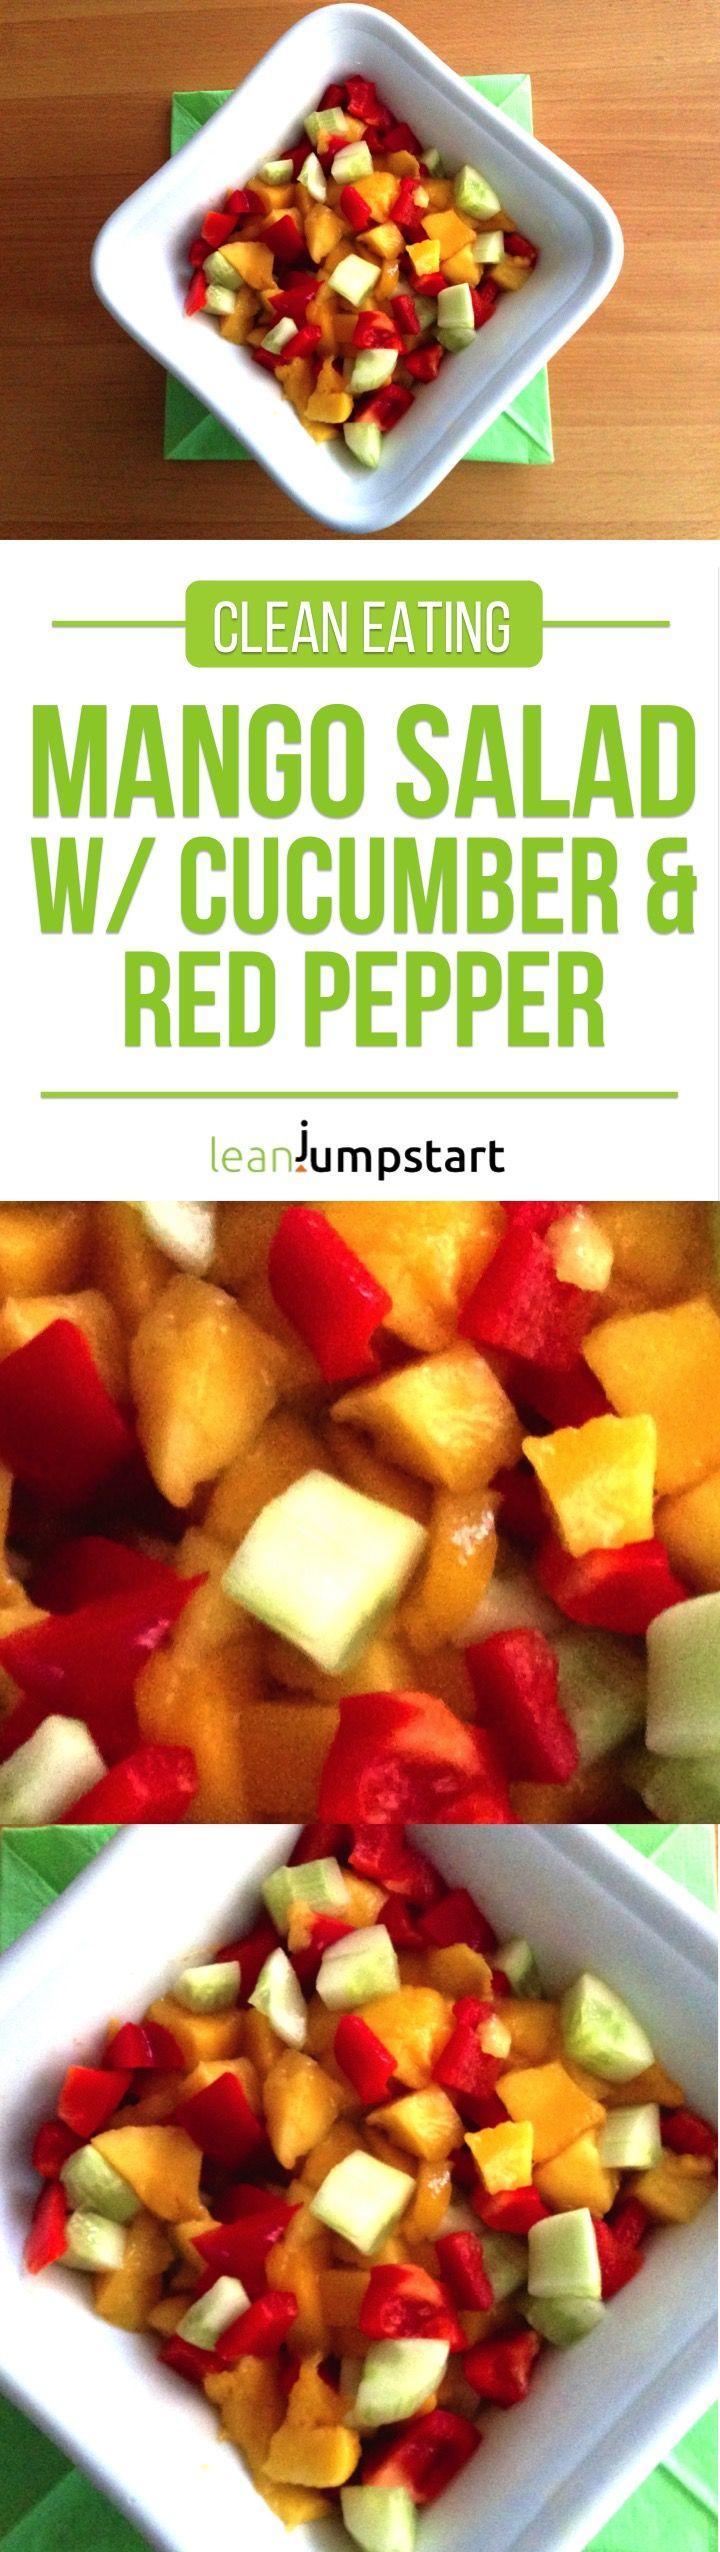 Best 25+ Mango Salad Ideas On Pinterest  Mango Salsa Recipes, Mango Salsa  For Fish And Mango Recipes